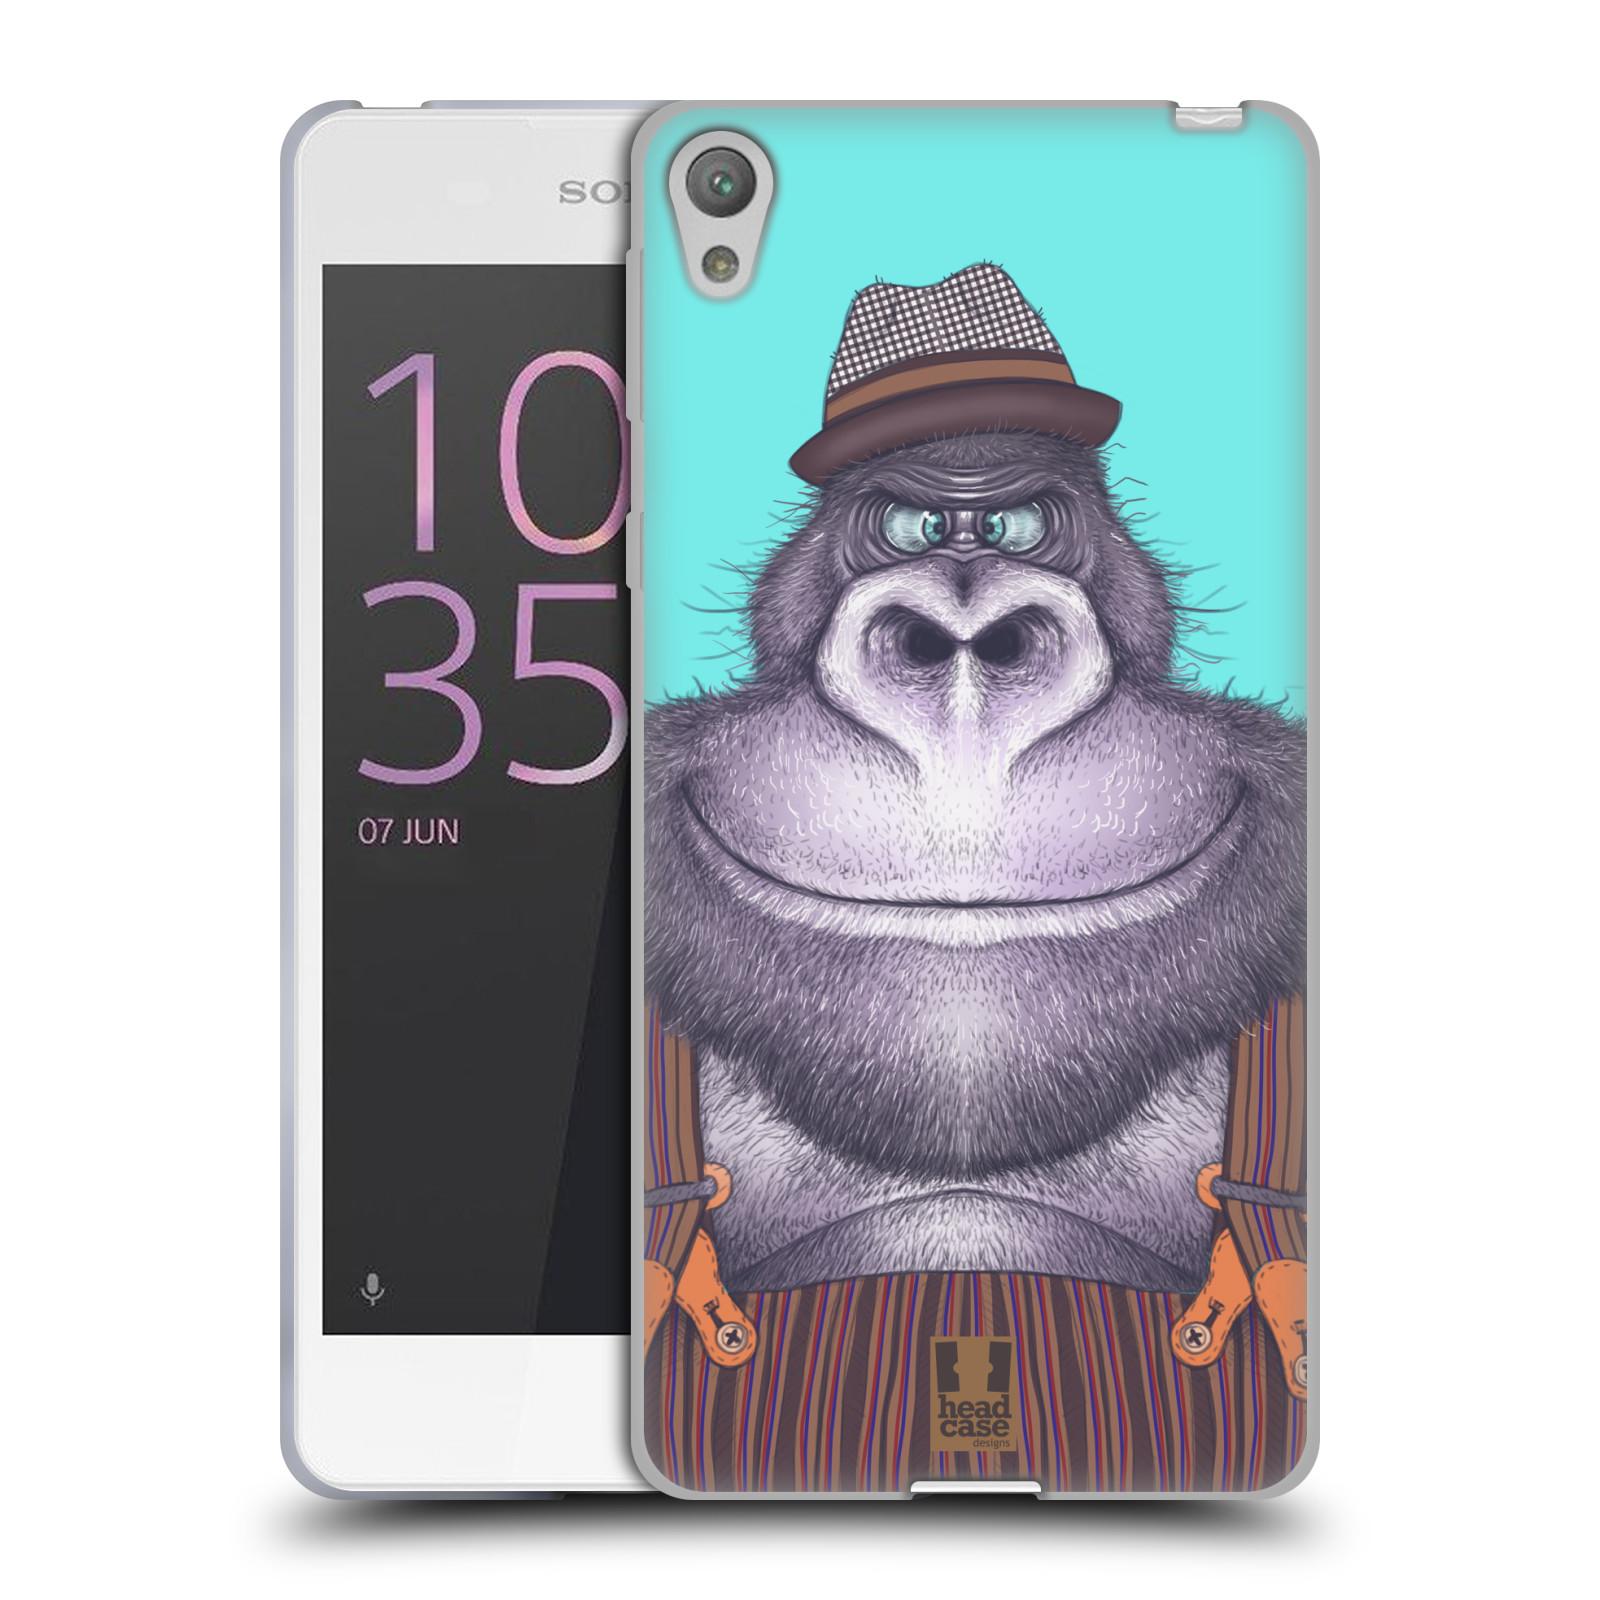 HEAD CASE silikonový obal na mobil SONY XPERIA E5 vzor Kreslená zvířátka gorila